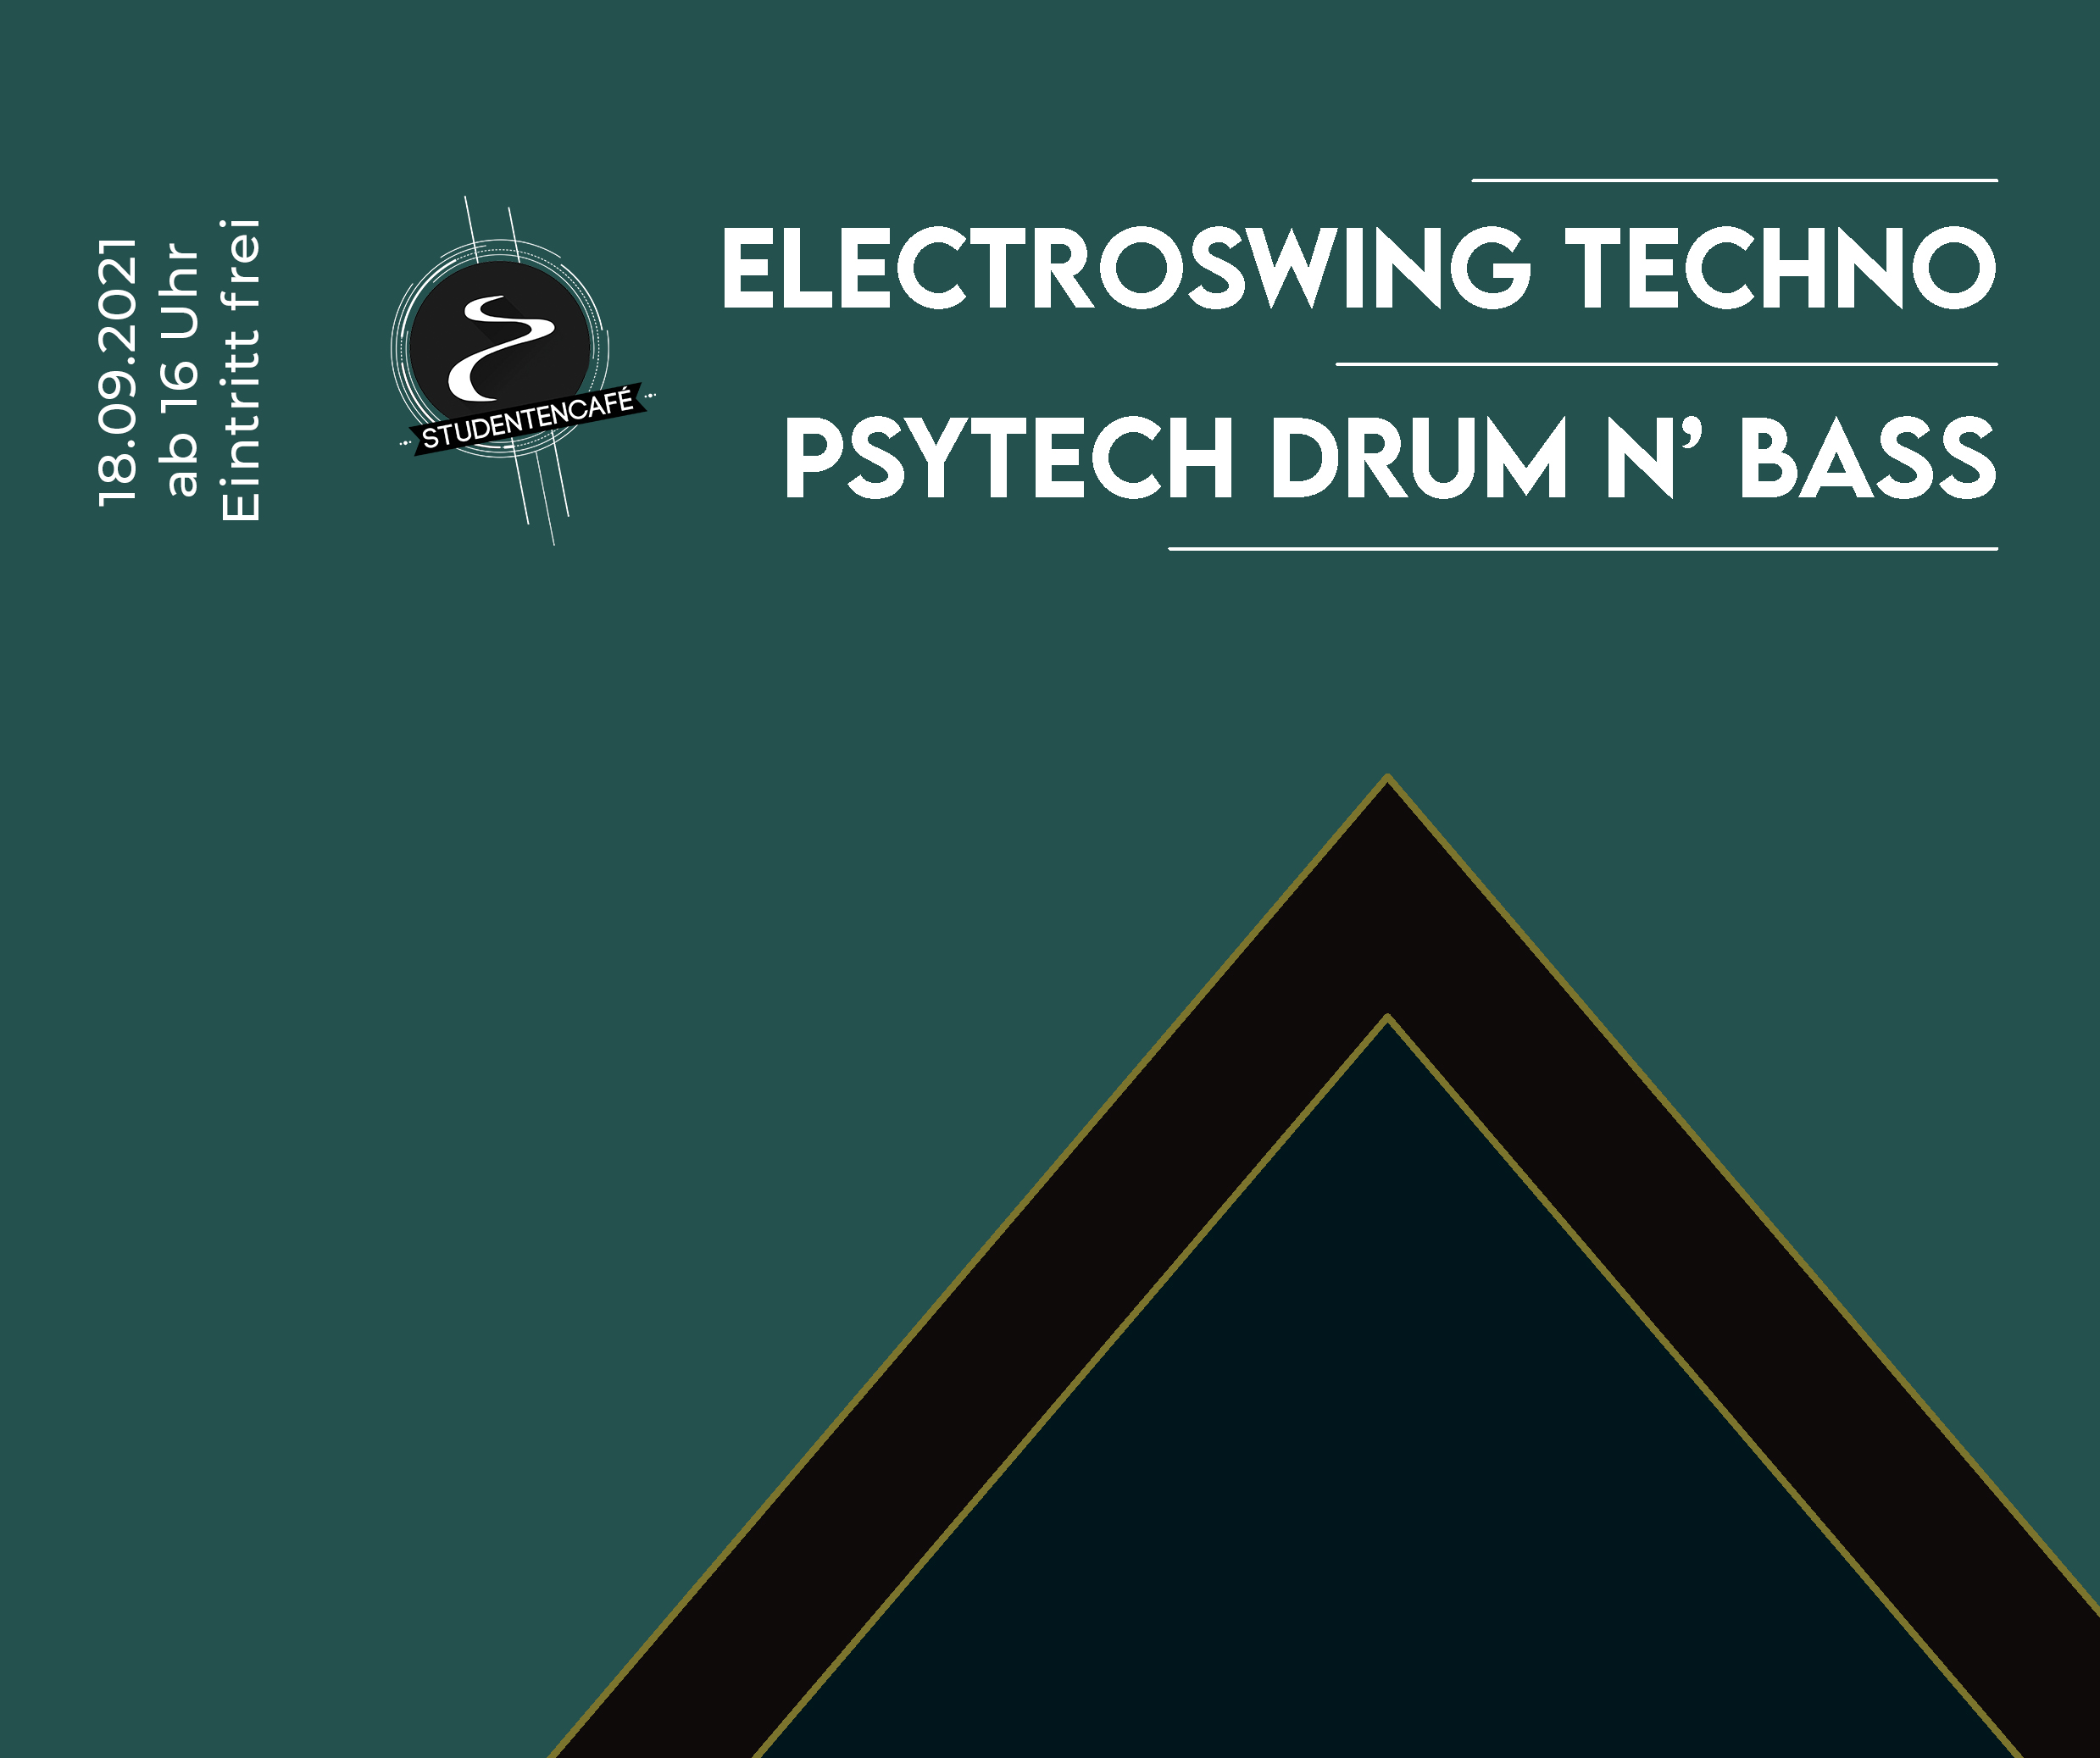 Event zur Kulturnacht in Ulm am 18.09. ab 16 Uhr Eintritt Frei Electroswing, Techno, Psytech, Drum n Bass